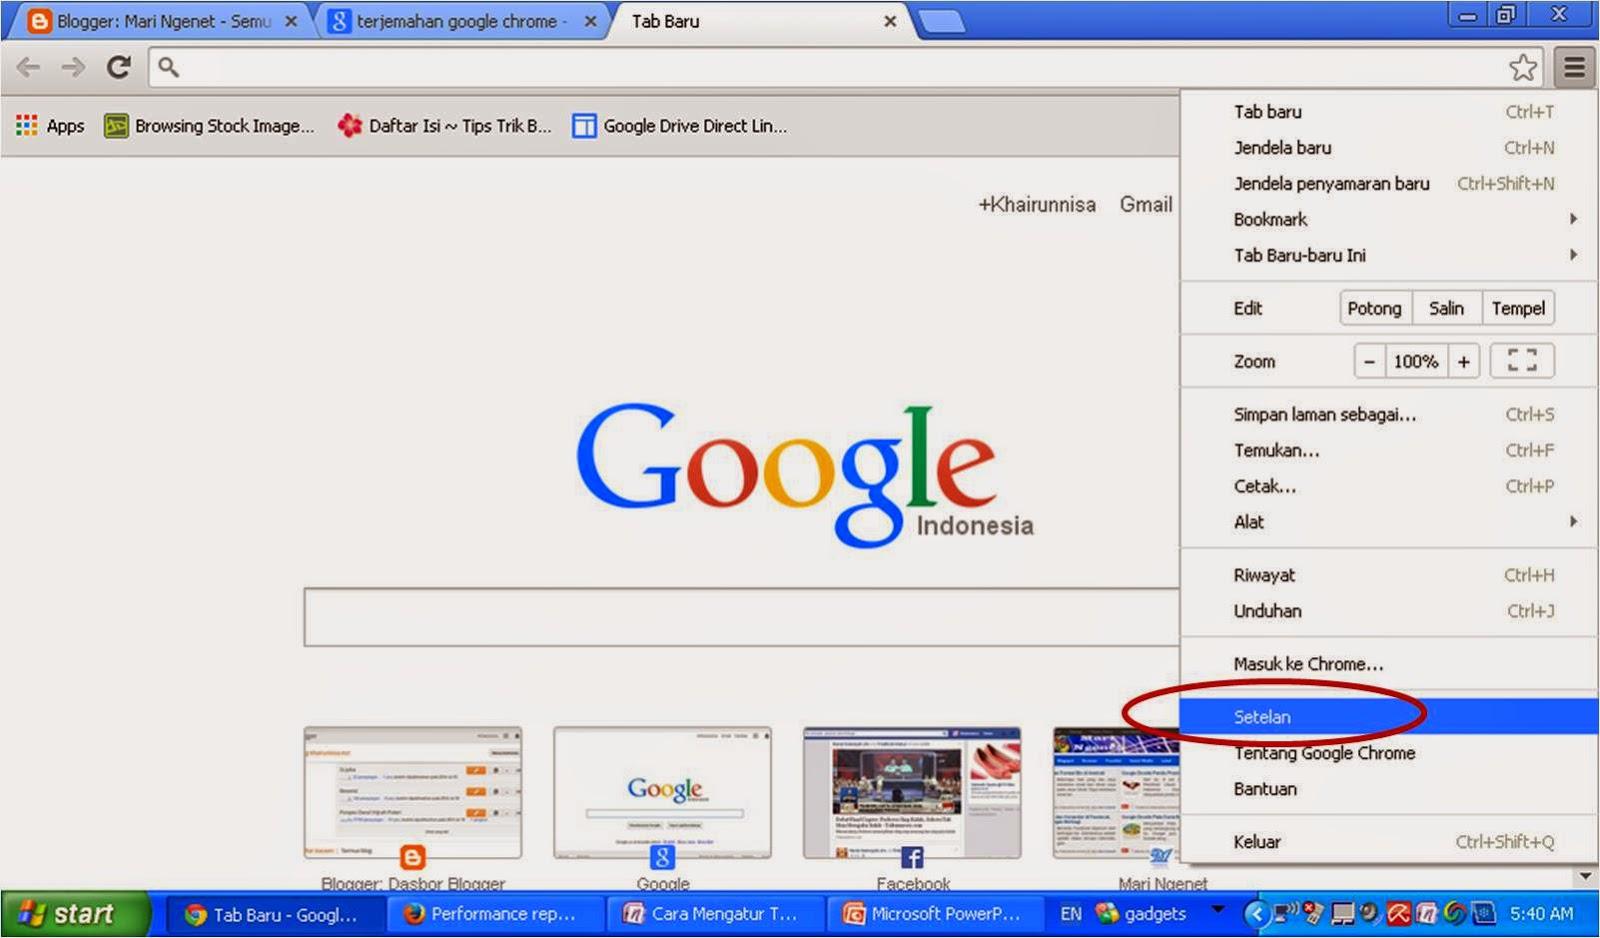 Cara Mengatur Terjemahan Otomatis Google Chrome